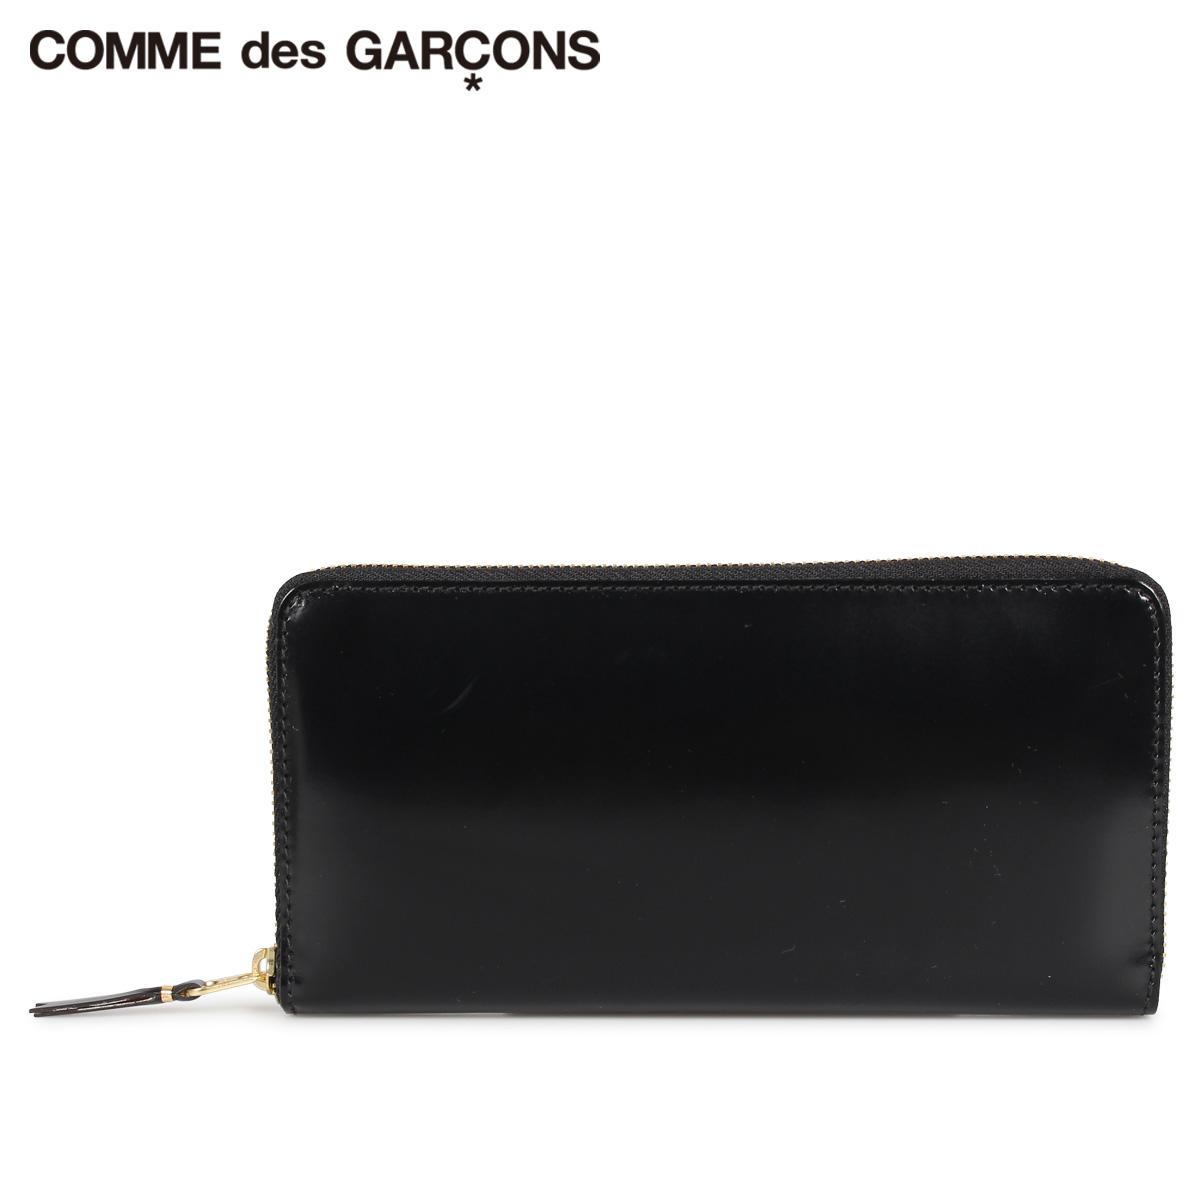 COMME des GARCONS MIRROR INSIDE WALLET コムデギャルソン 財布 長財布 メンズ レディース ラウンドファスナー 本革 ブラック 黒 SA0110MI [10/10 新入荷]